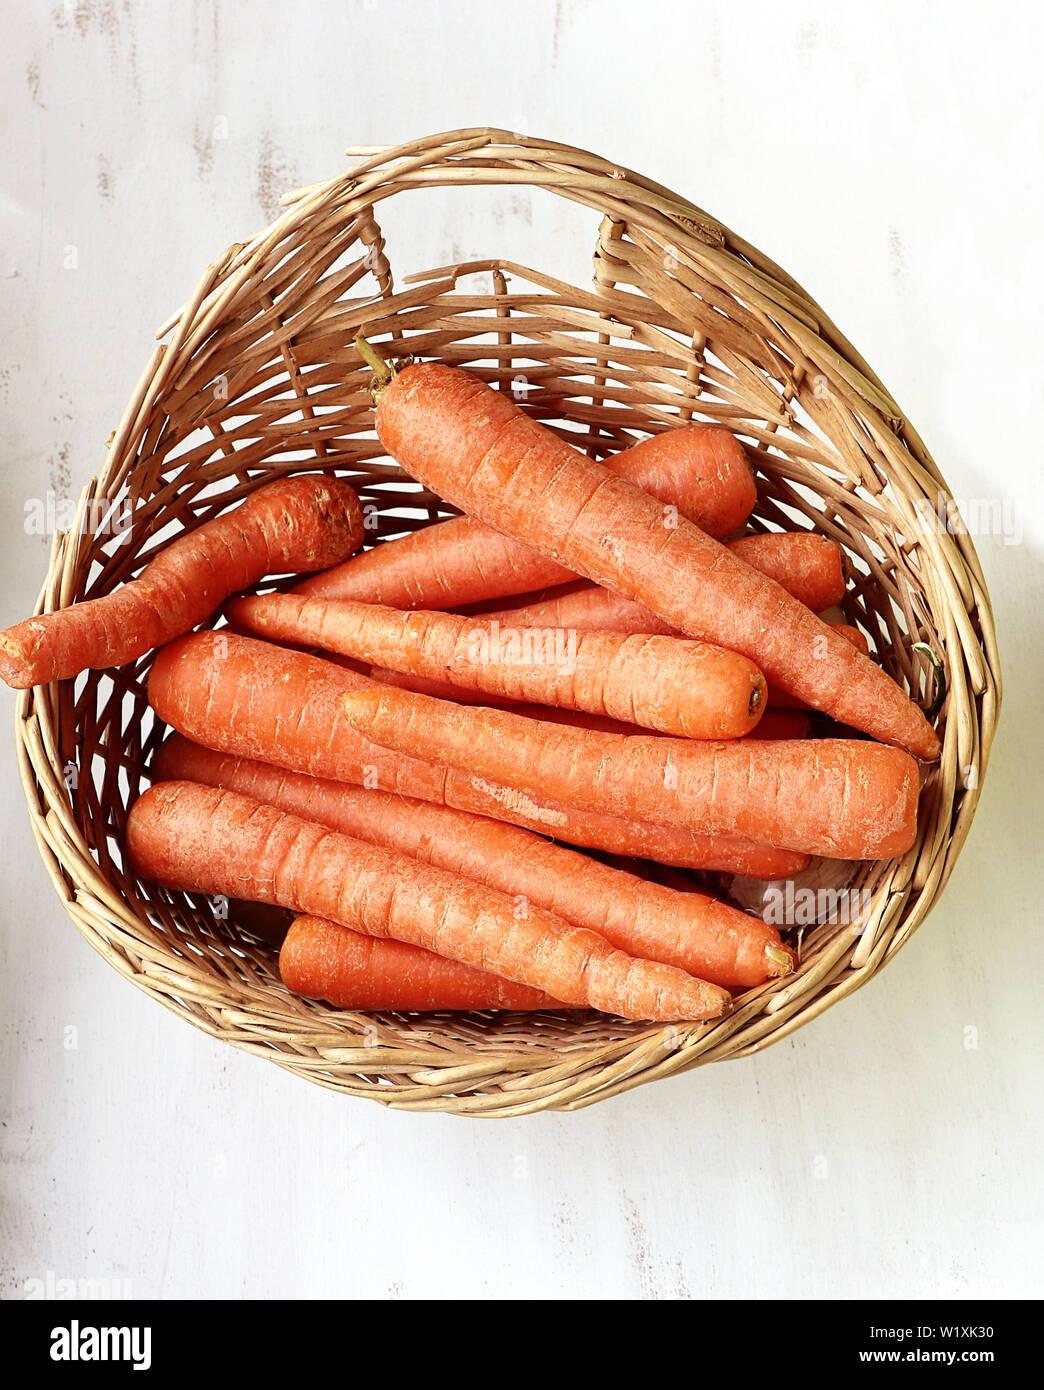 Les carottes avec des couleurs vives dans un panier sur la table de cuisine Banque D'Images